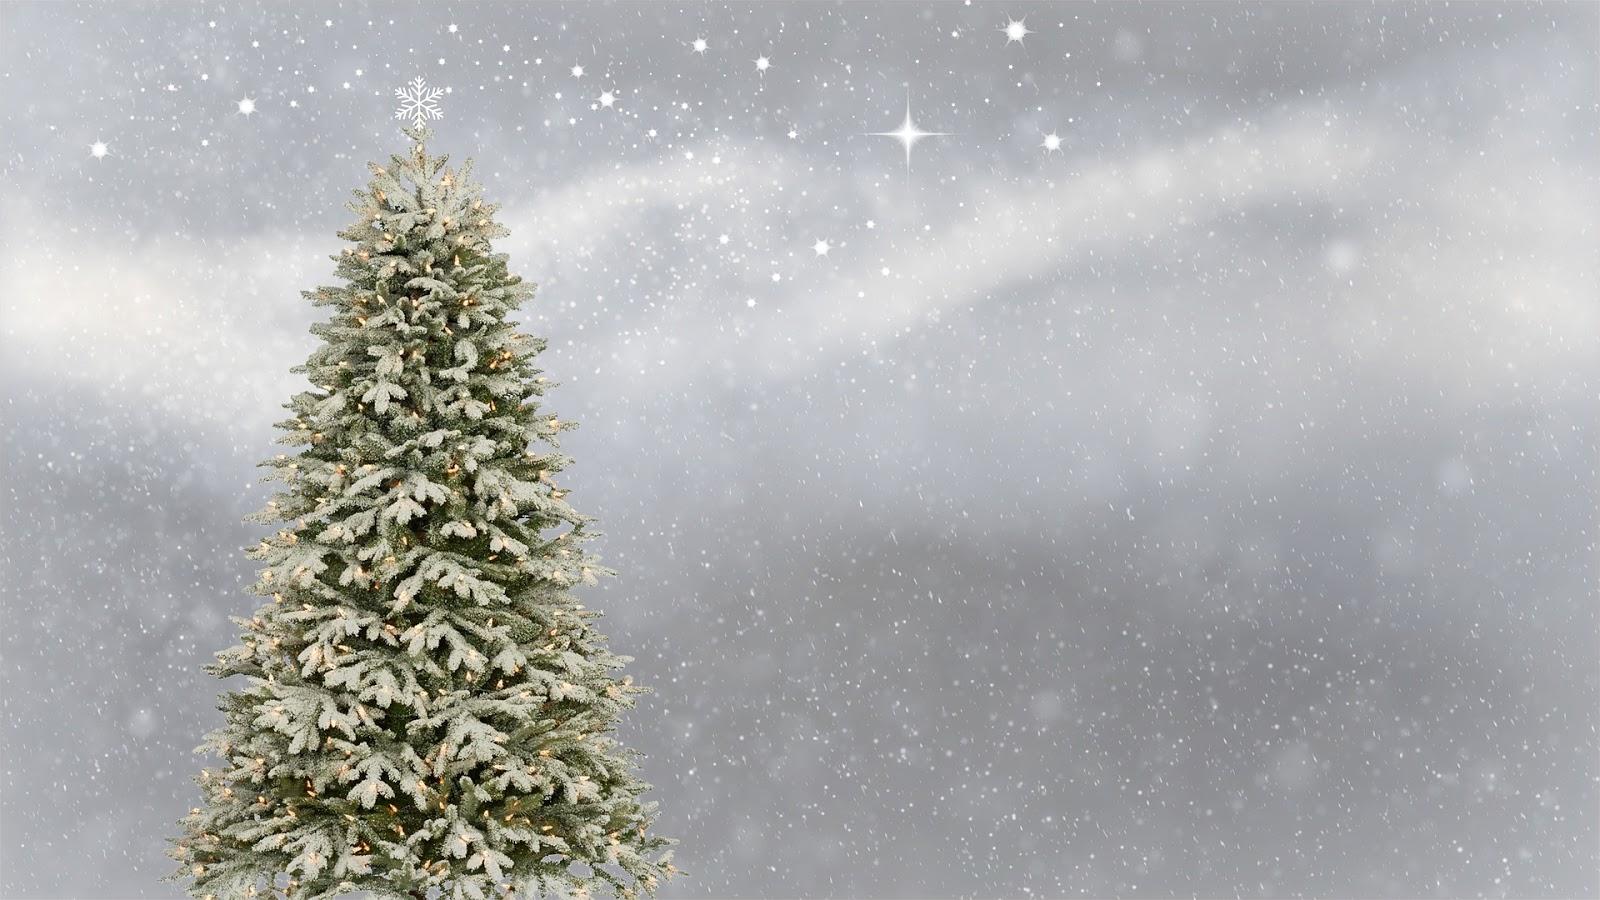 Weihnachtsbaum Künstlich Beleuchtet.Weißer Weihnachtsbaum Mit Beleuchtung Test Die Meisten Sind Eine